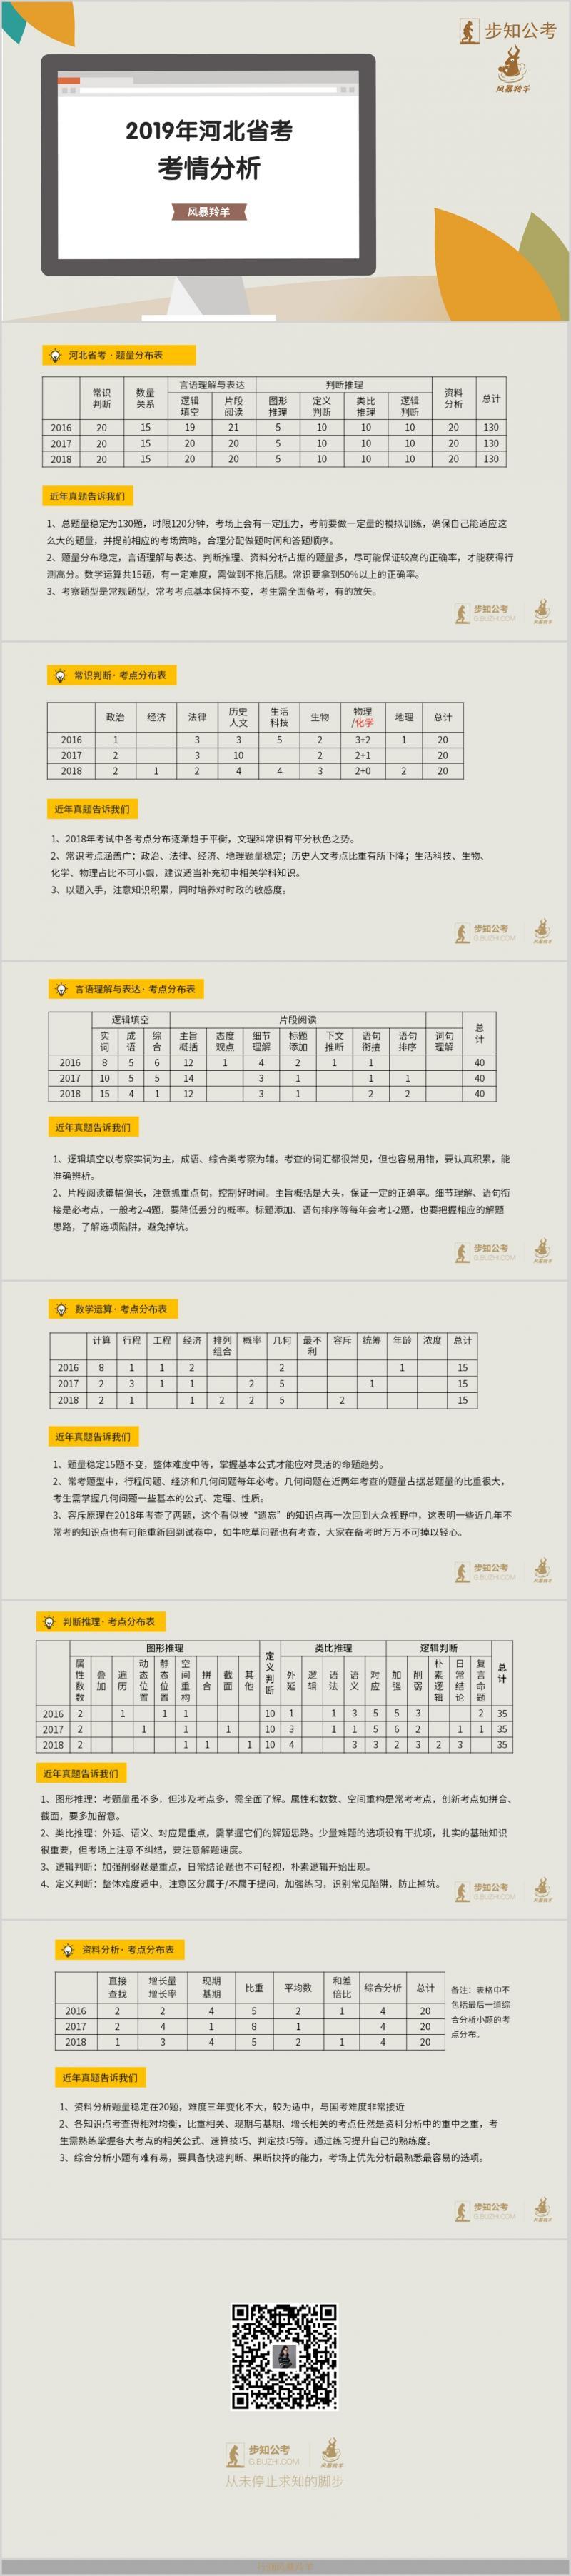 河北行测考情分析.jpg